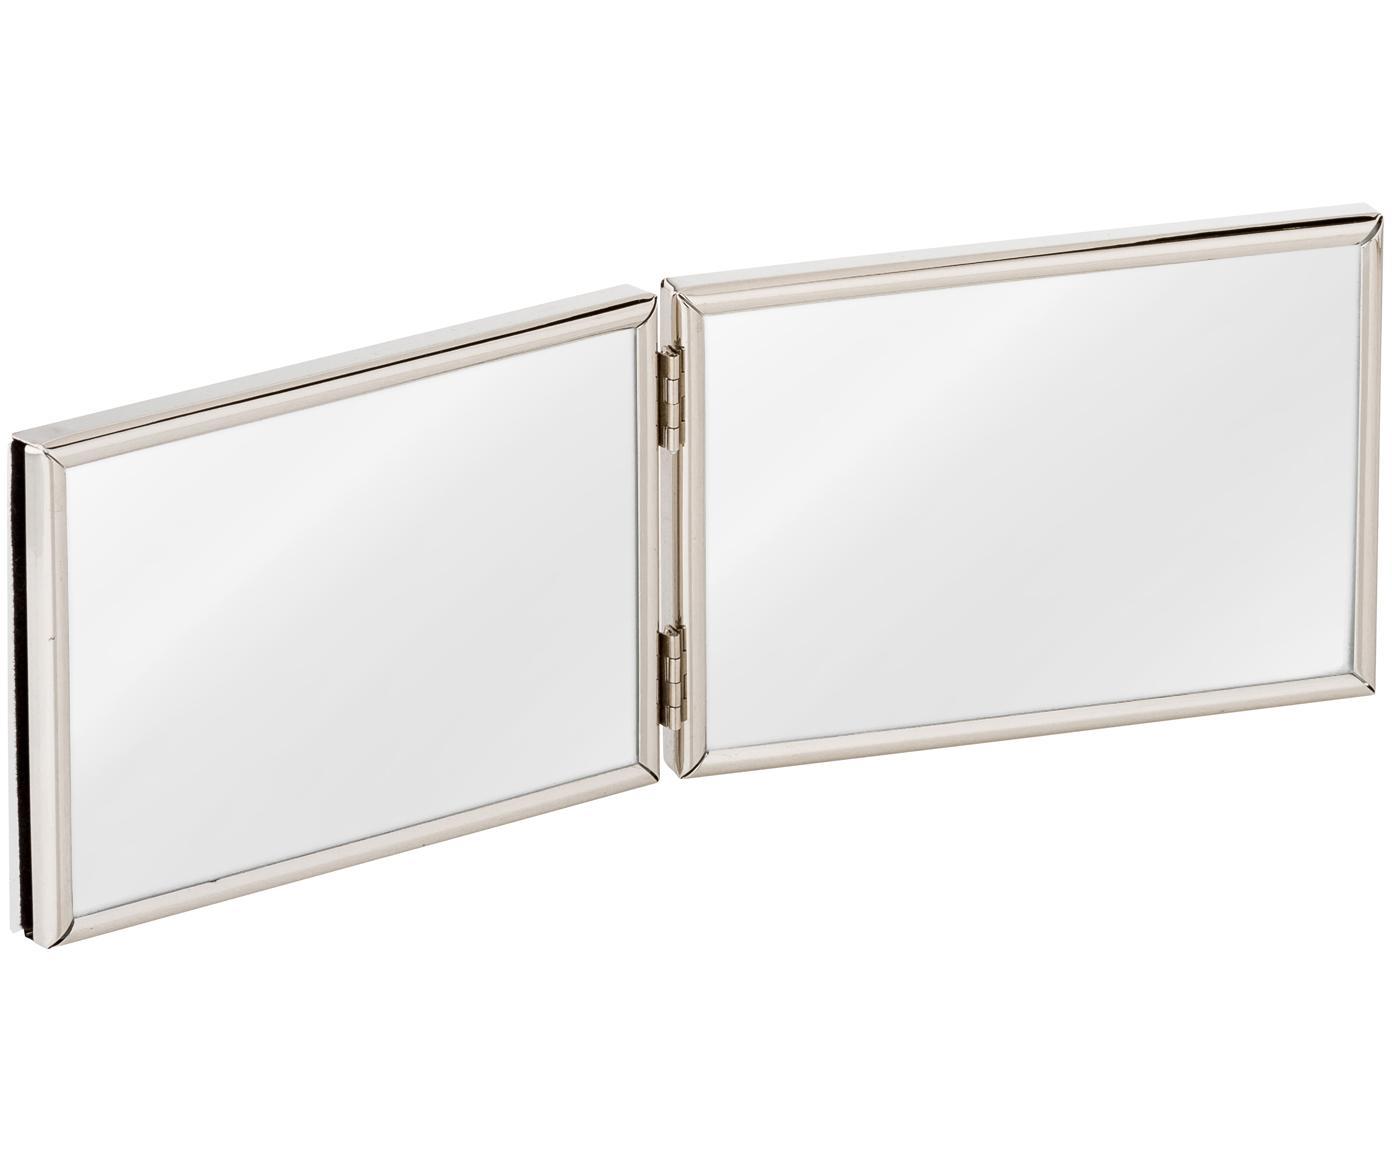 Cornice Carla, Cornice: metallo, verniciato, Cornice: argento Fronte: trasparente, L 15 x A 10 cm